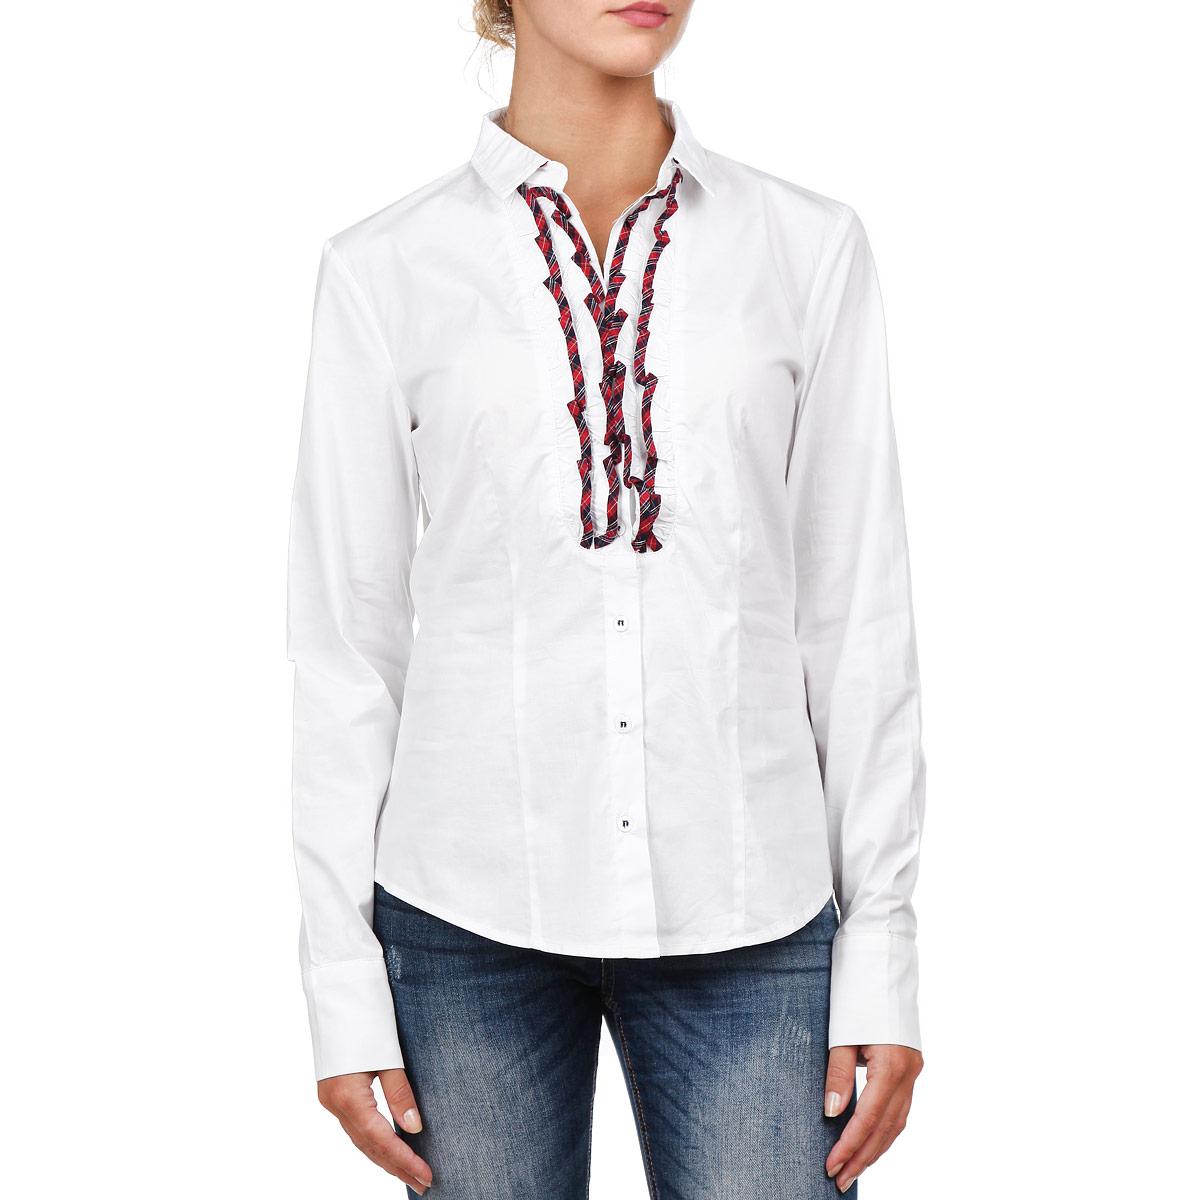 Блузка женская. 1728217282Симпатичная женская блузка F5, выполненная из высококачественного хлопка с небольшим добавлением эластана, очень комфортна при носке. Модель приталенного кроя с длинными рукавами, отложным воротничком и полукруглым низом застегивается на пуговицы. Изделие на груди оформлено вертикальными кокетливыми оборками. Такая блузка будет дарить вам комфорт в течение всего дня и послужит замечательным дополнением к вашему гардеробу.